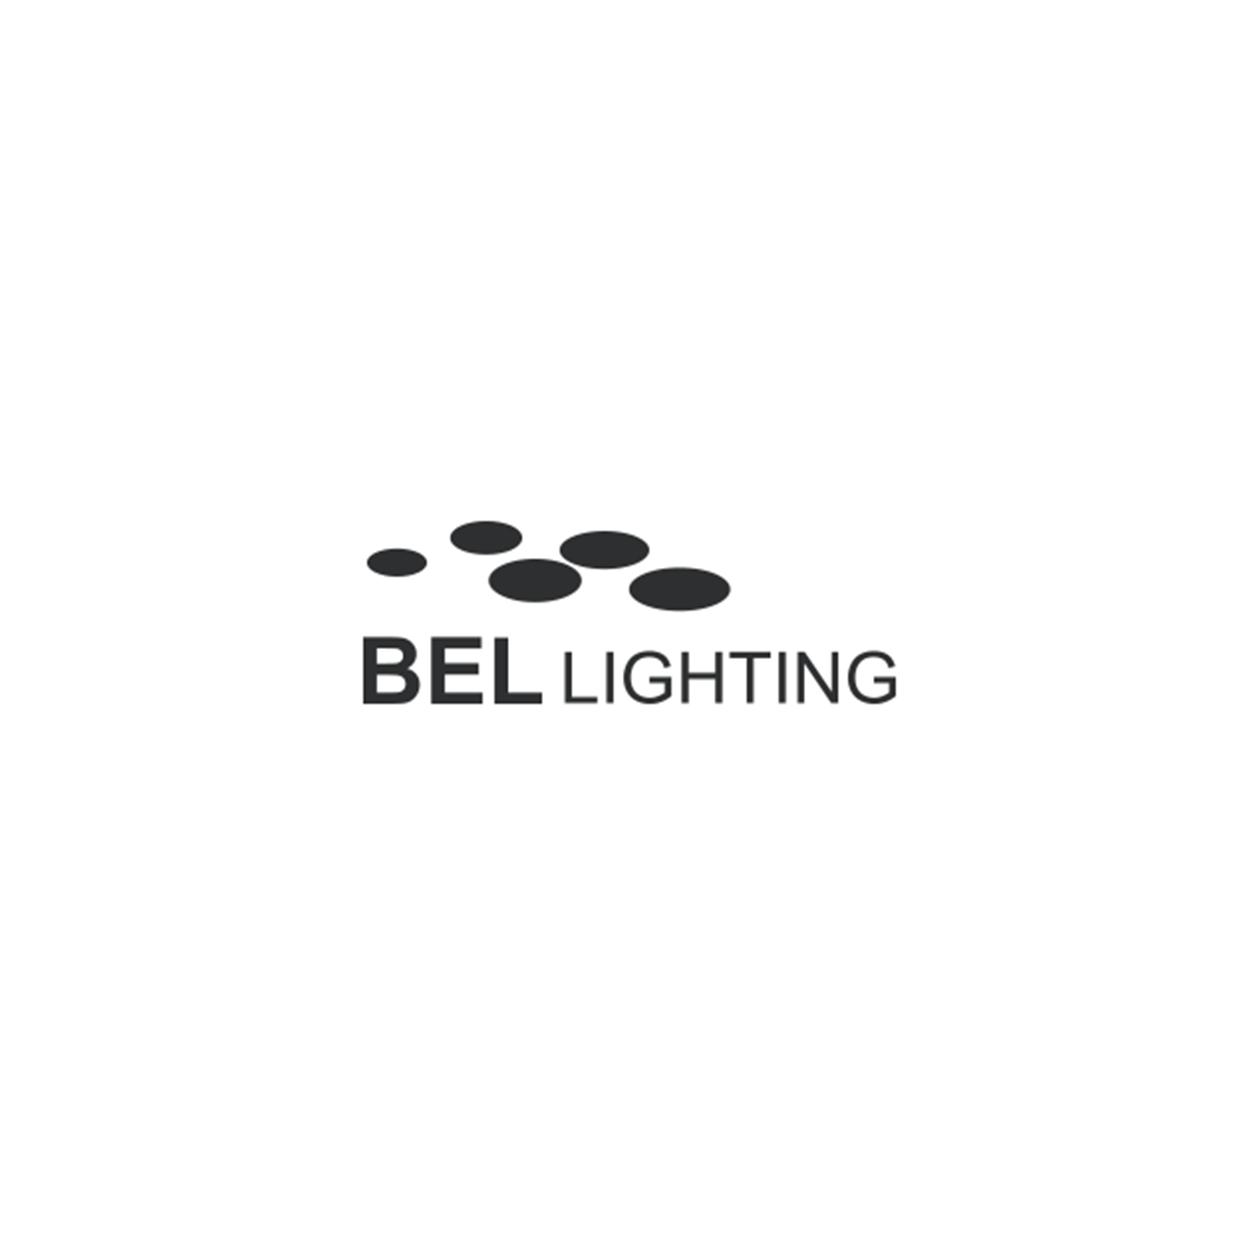 Bellighting - Objekte Licht & Raum GmbH in Hamburg